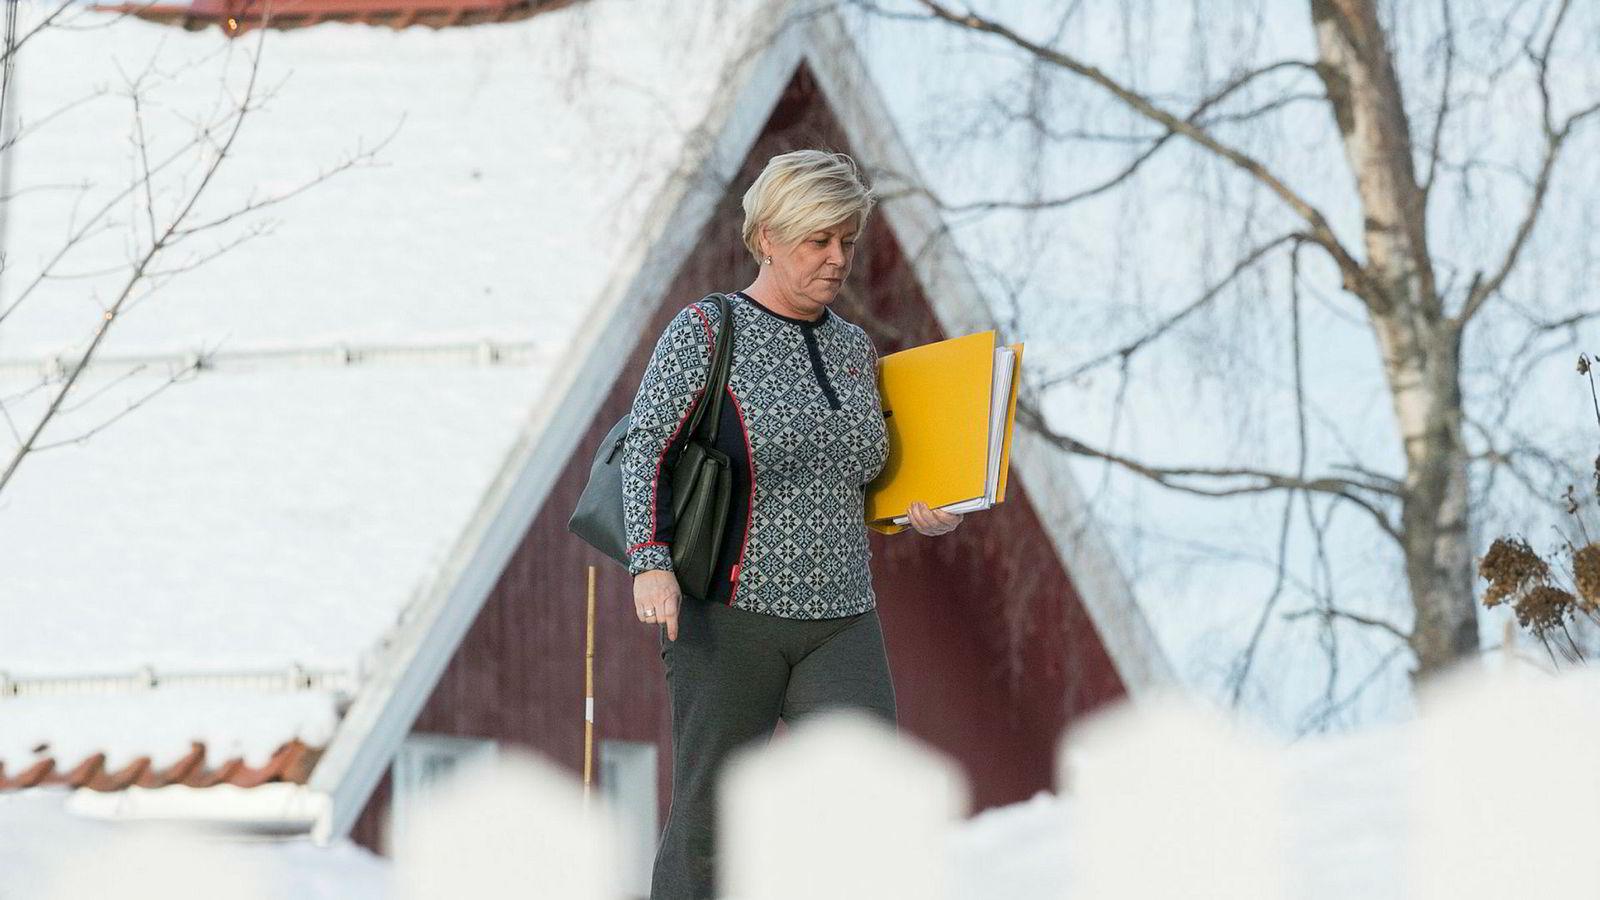 Frp leder Siv Jensen på vei til lunsj på Granavolden Gjæstgiveri under regjeringsforhandlingene i begynnelsen av januar